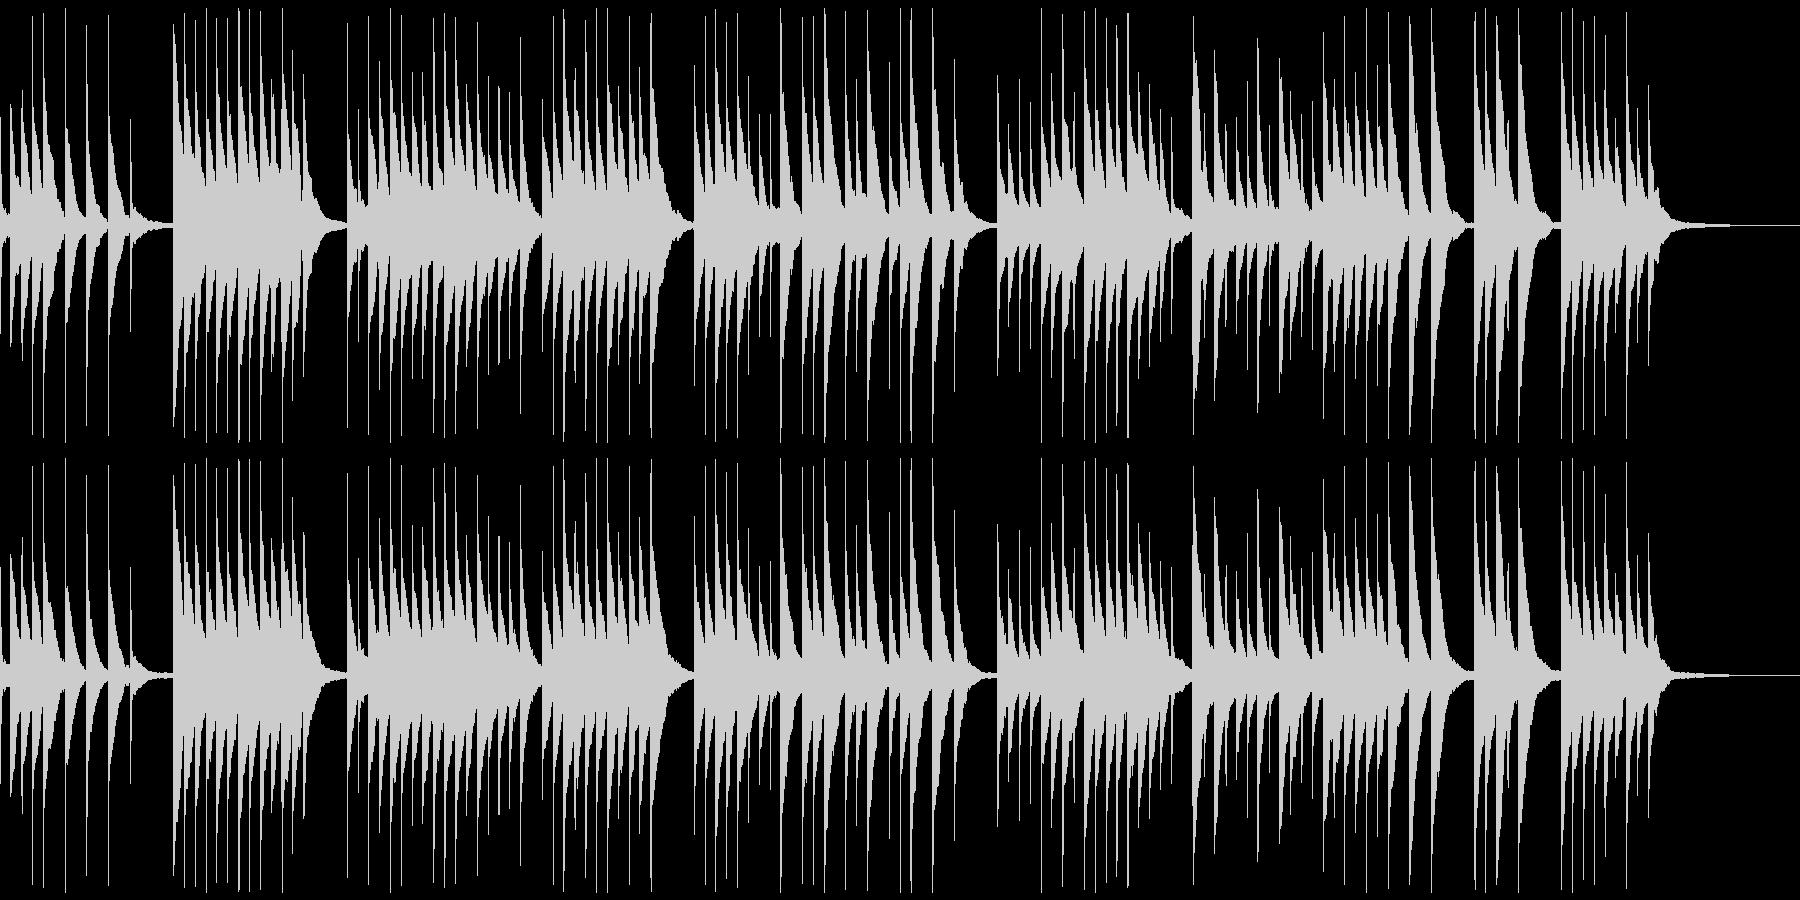 切ない寂しい感じのオルゴール曲の未再生の波形